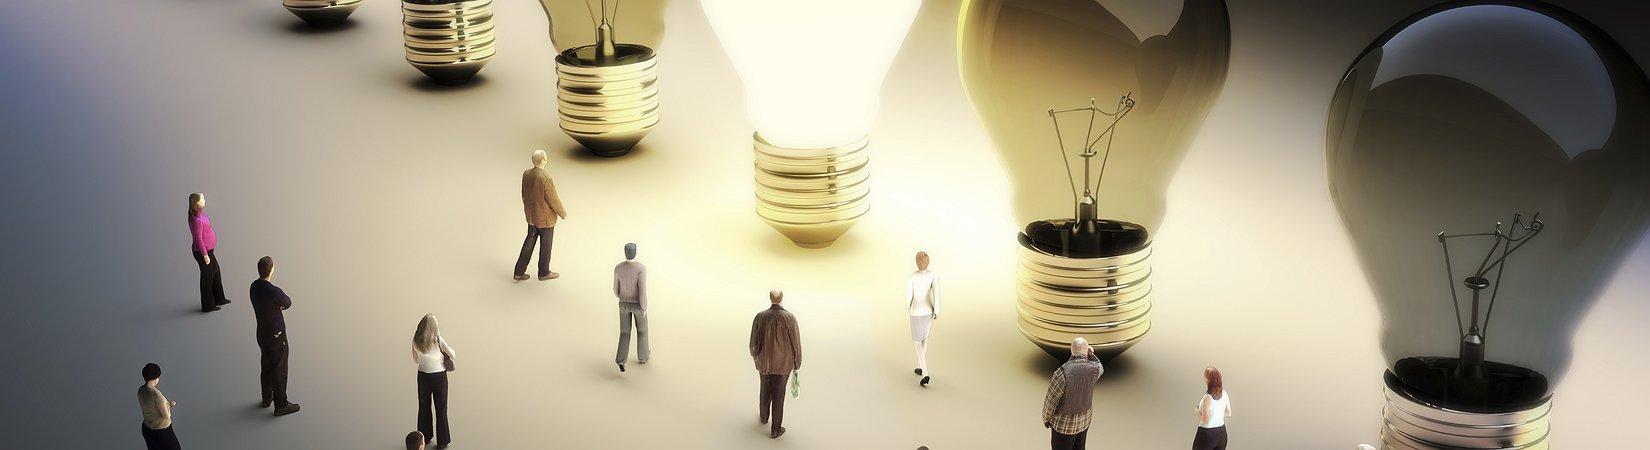 Восстание токенов: Что мешает правительствам регулировать ICO